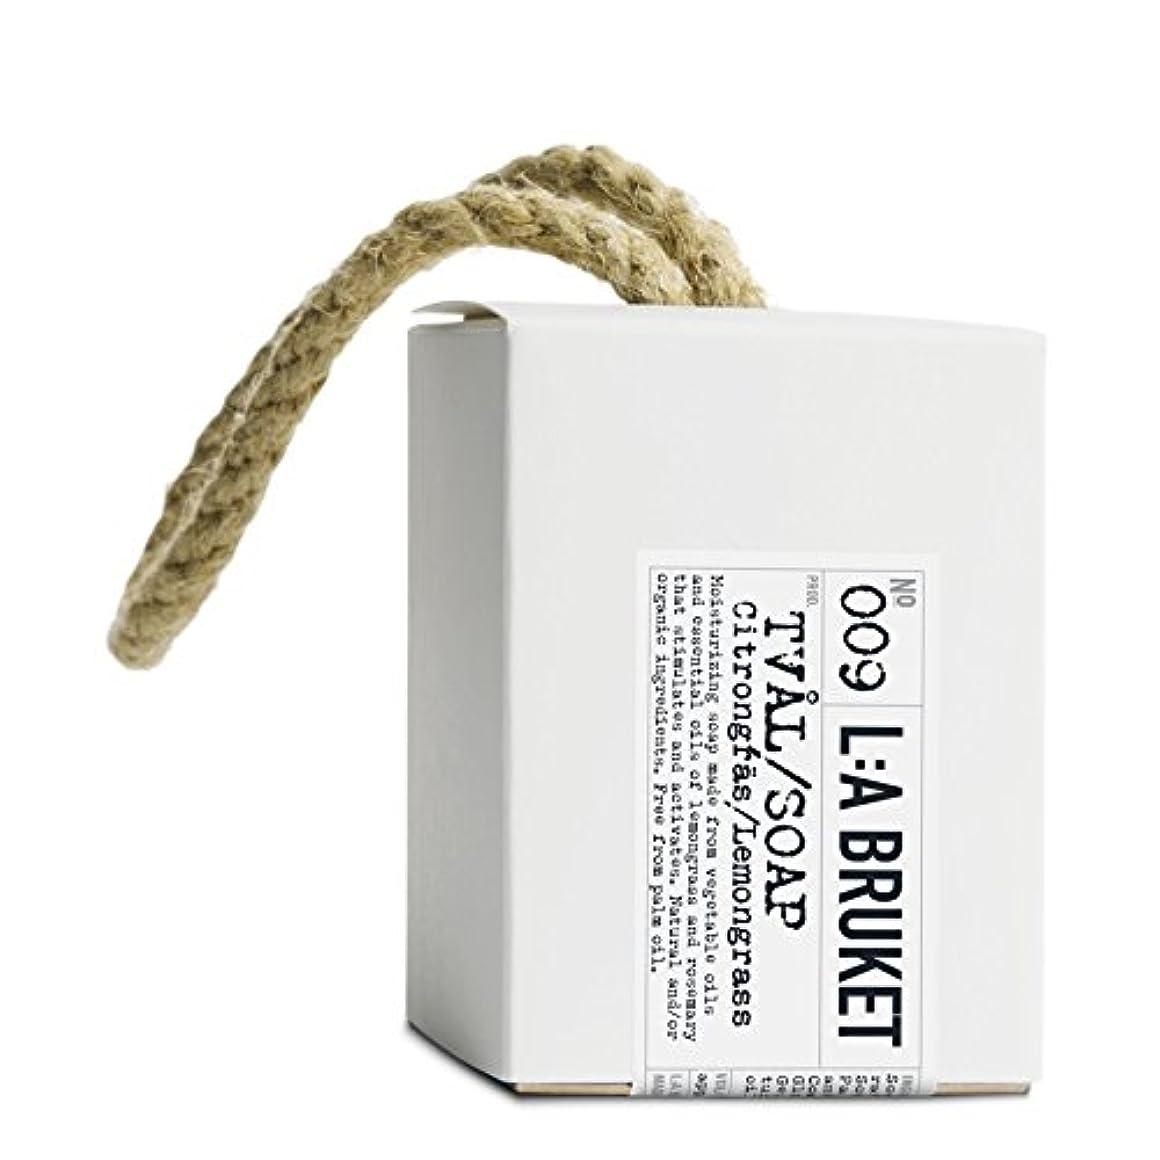 羊飼い考えた一緒にL:A Bruket Lemongrass Soap on a Roap 240g - :の240グラムののレモングラス石けん [並行輸入品]